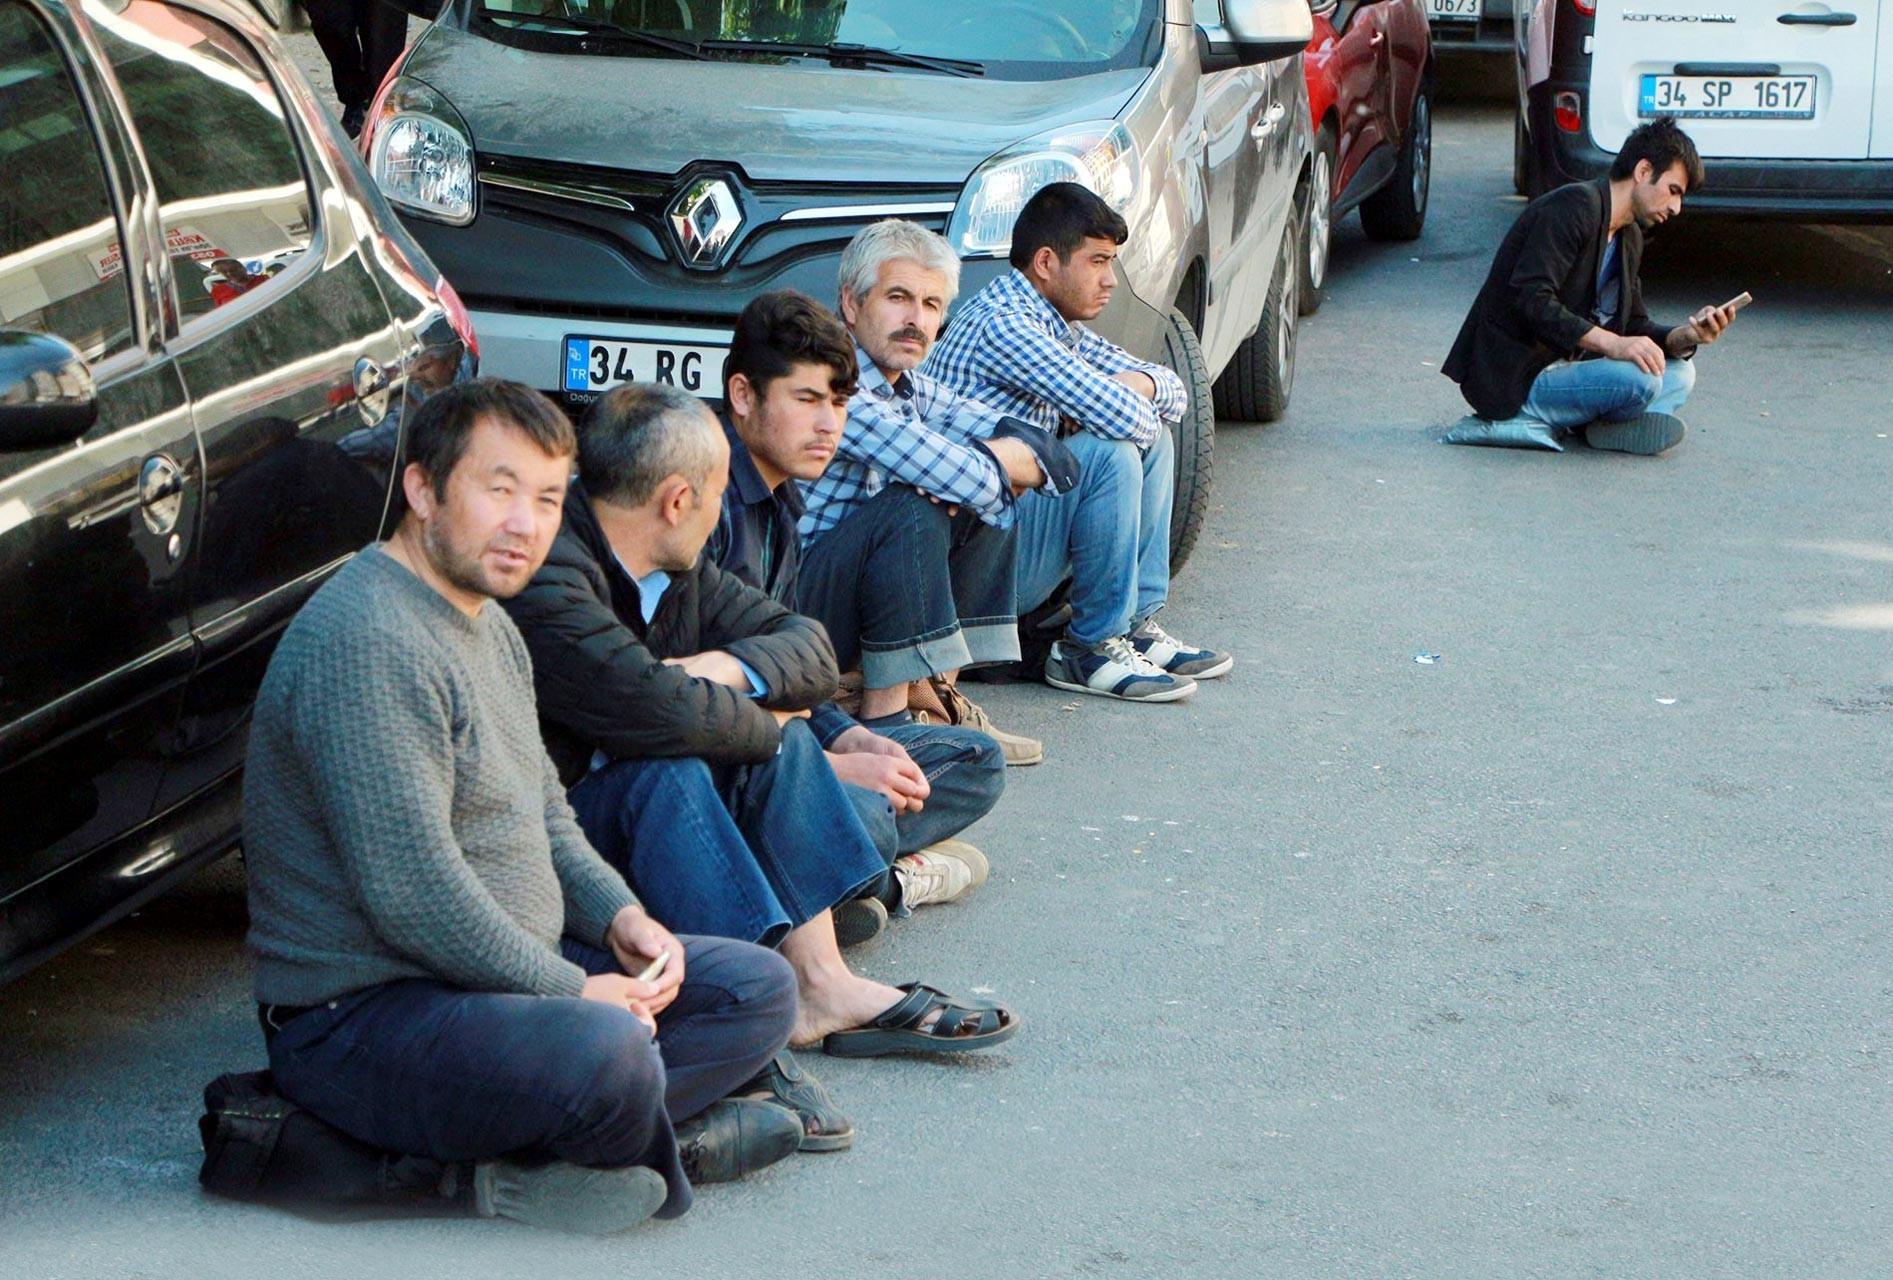 Mülteci işçiler: Artık iş için işçi pazarında bile bekleyemiyoruz